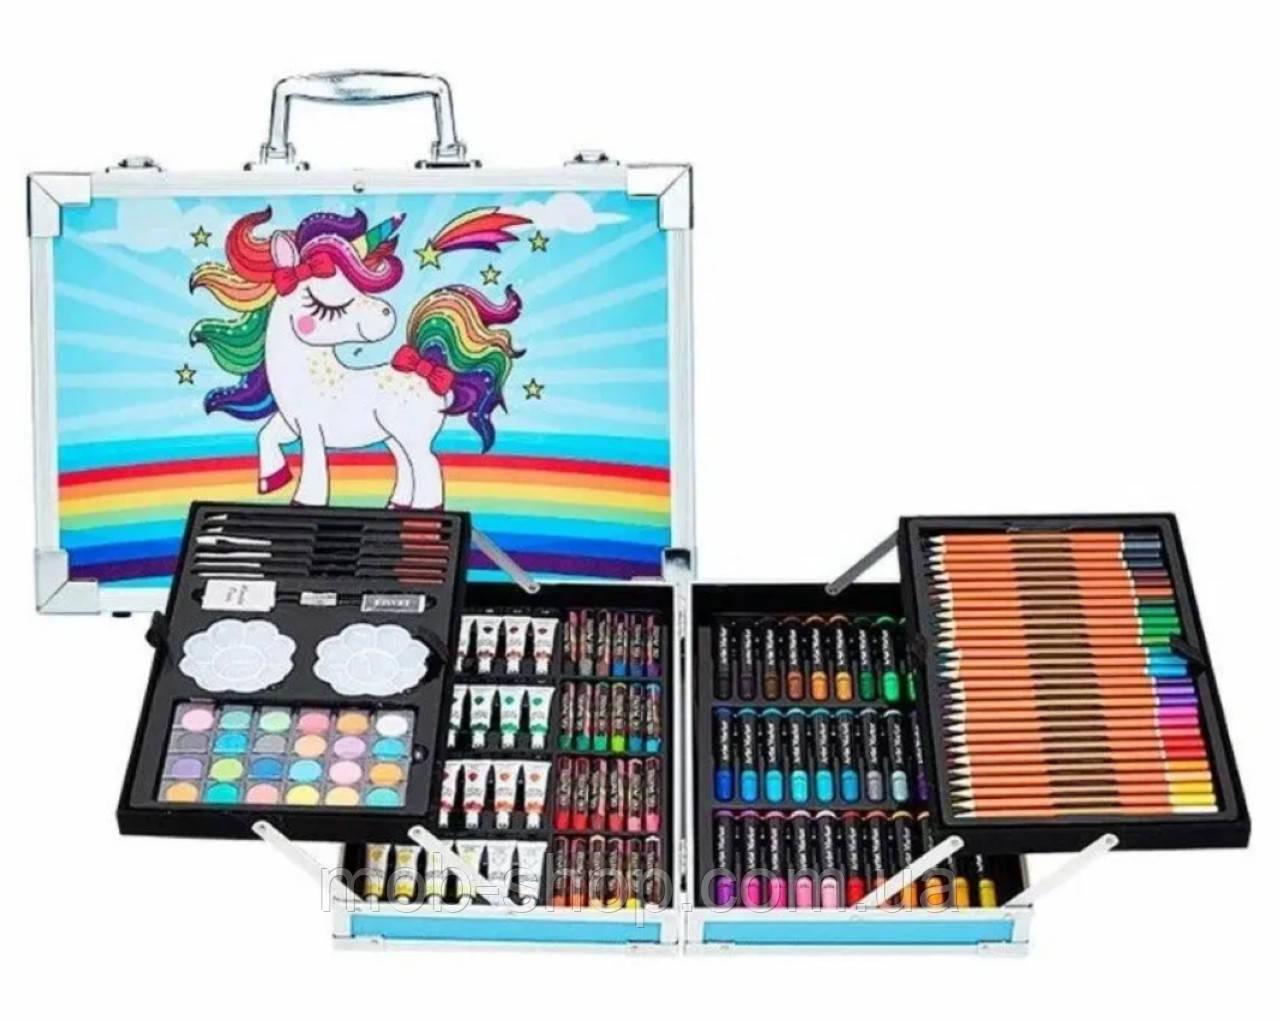 """Художественный набор для детского творчества в алюминиевом чемодане """"Единорог"""" 145 предметов Голубой/Розовый"""